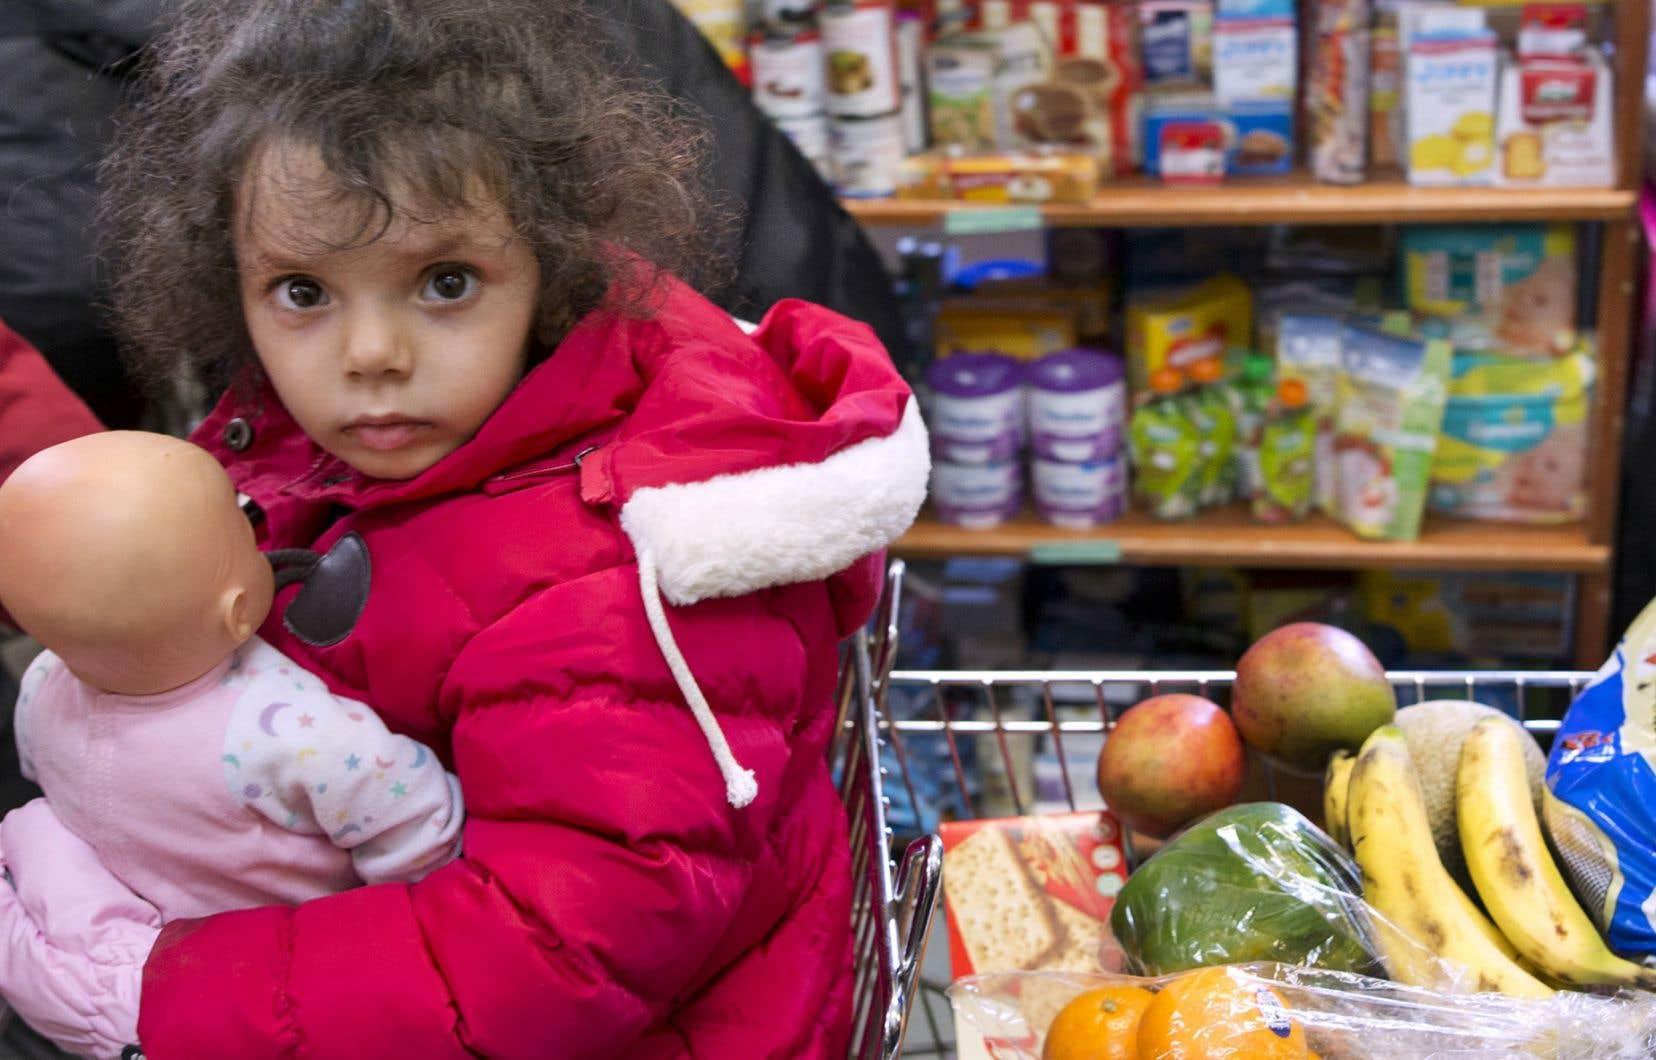 Alors que les demandes en aide alimentaire ne suffisent plus, il serait bon de rappeler qu'une véritable politique de lutte contre la pauvreté n'est pas à chercher dans les spéciaux de circulaires ni dans «des conseils culinaires pour gens démunis».